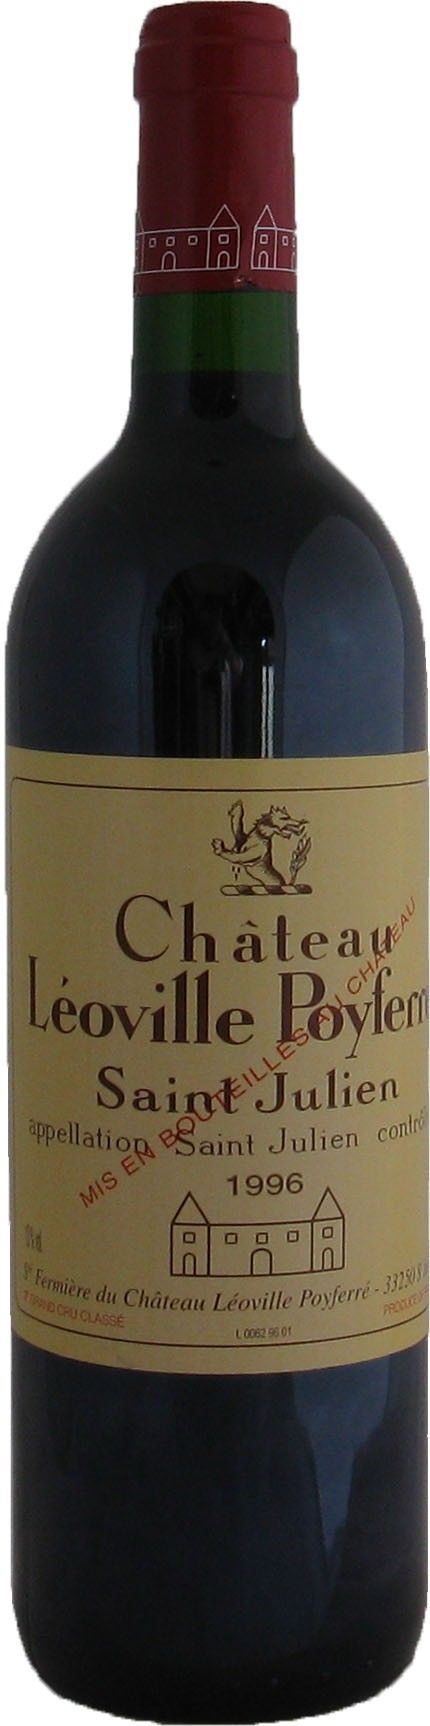 Chateau Leoville Poyferre 2eme Cru St Julien, 1996